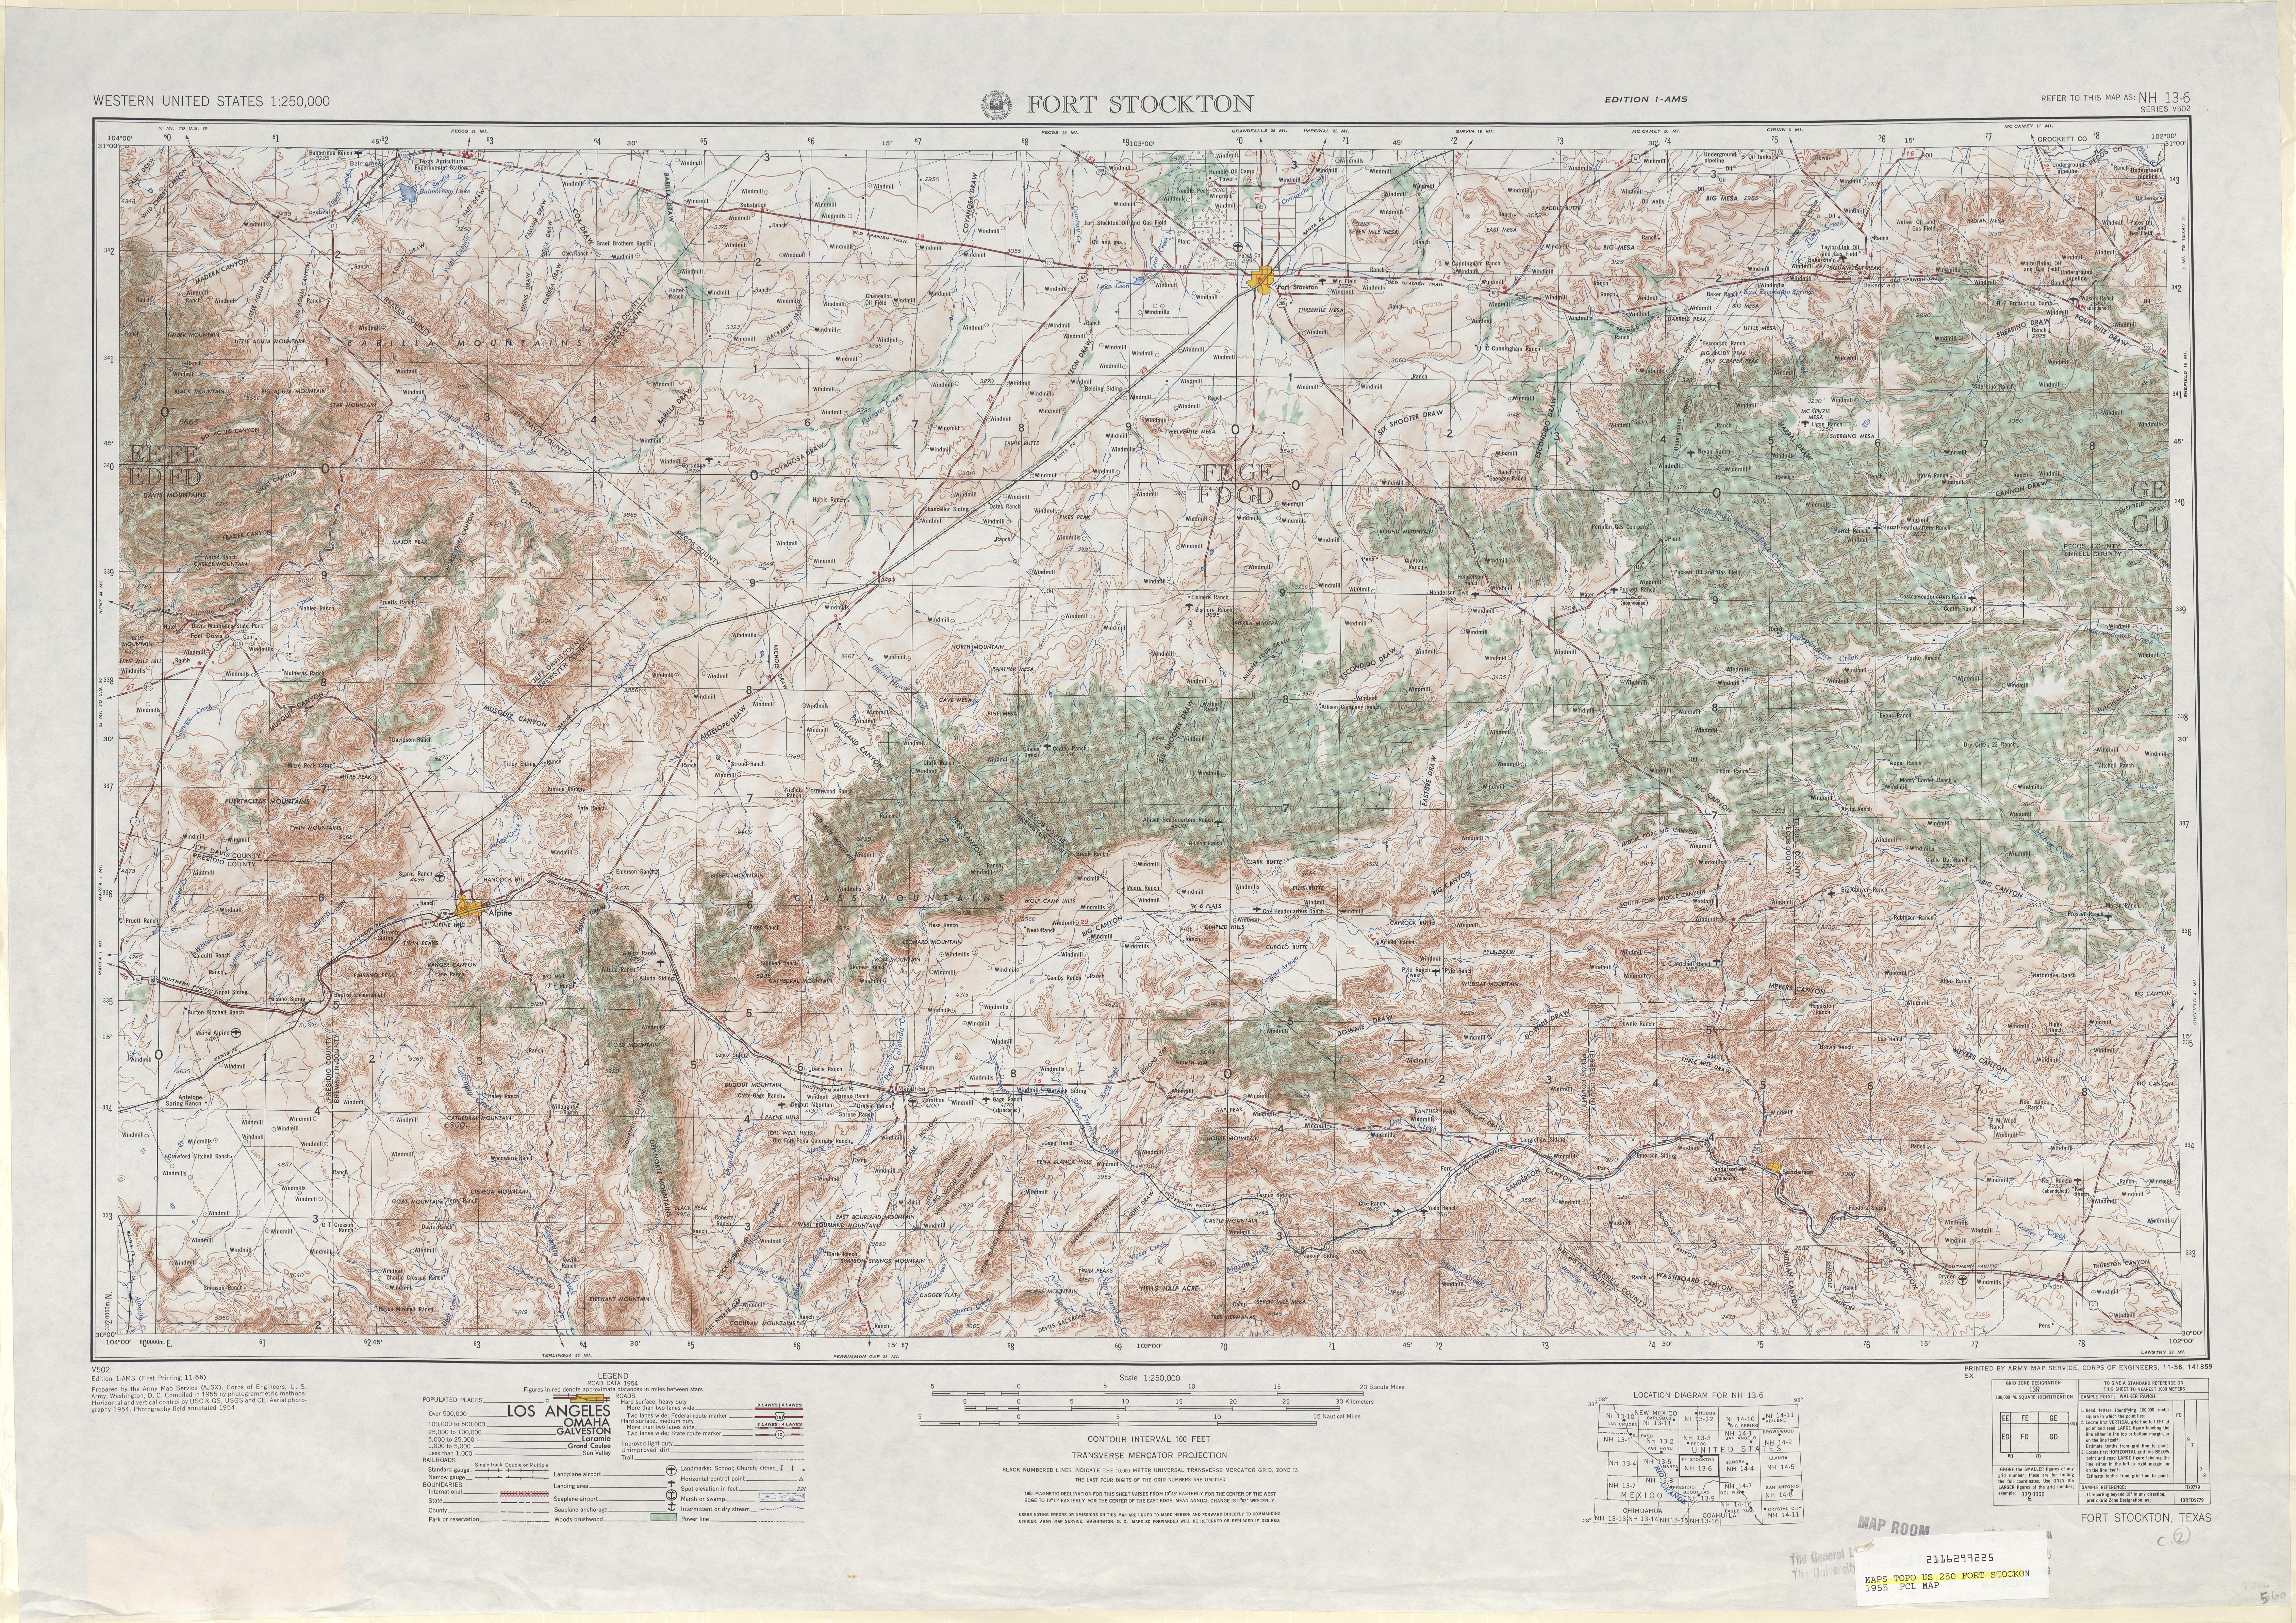 Hoja Fort Stockton del Mapa Topográfico de los Estados Unidos 1955